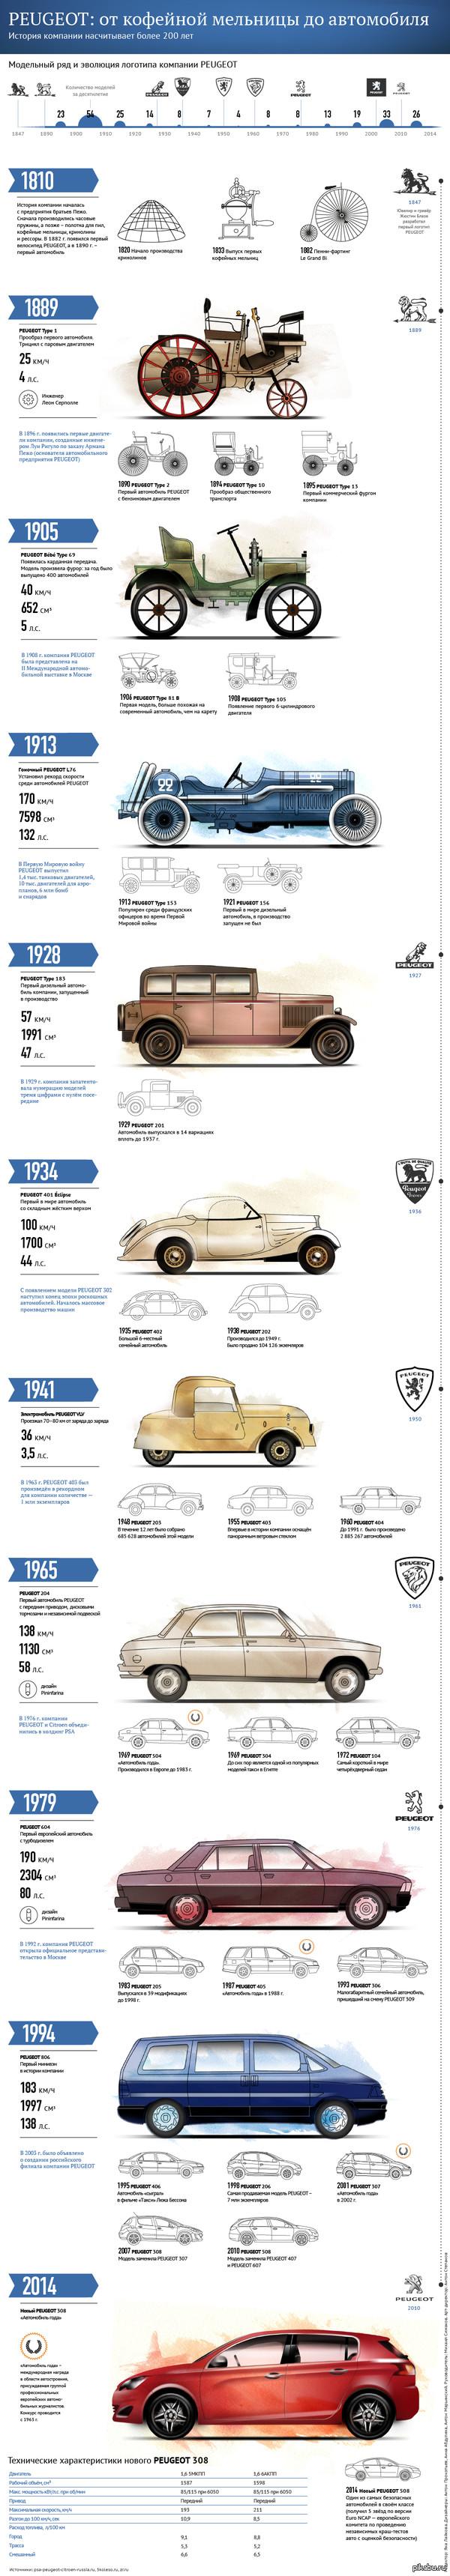 История компании Peugeot: от кофейной мельницы до автомобиля